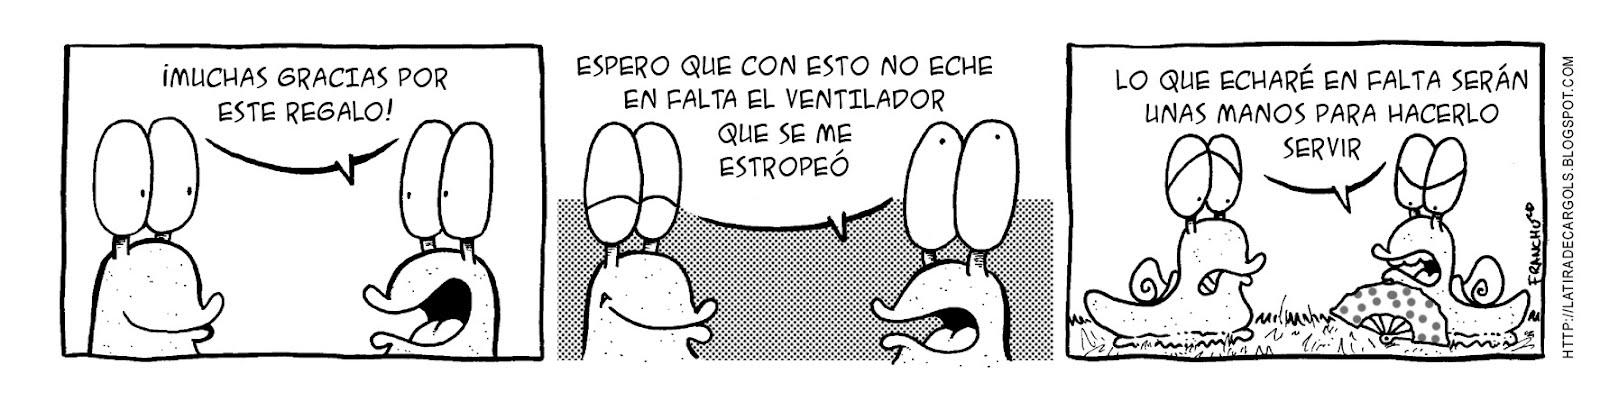 Tira comica 135 del webcomic Cargols del dibujante Franchu de Barcelona